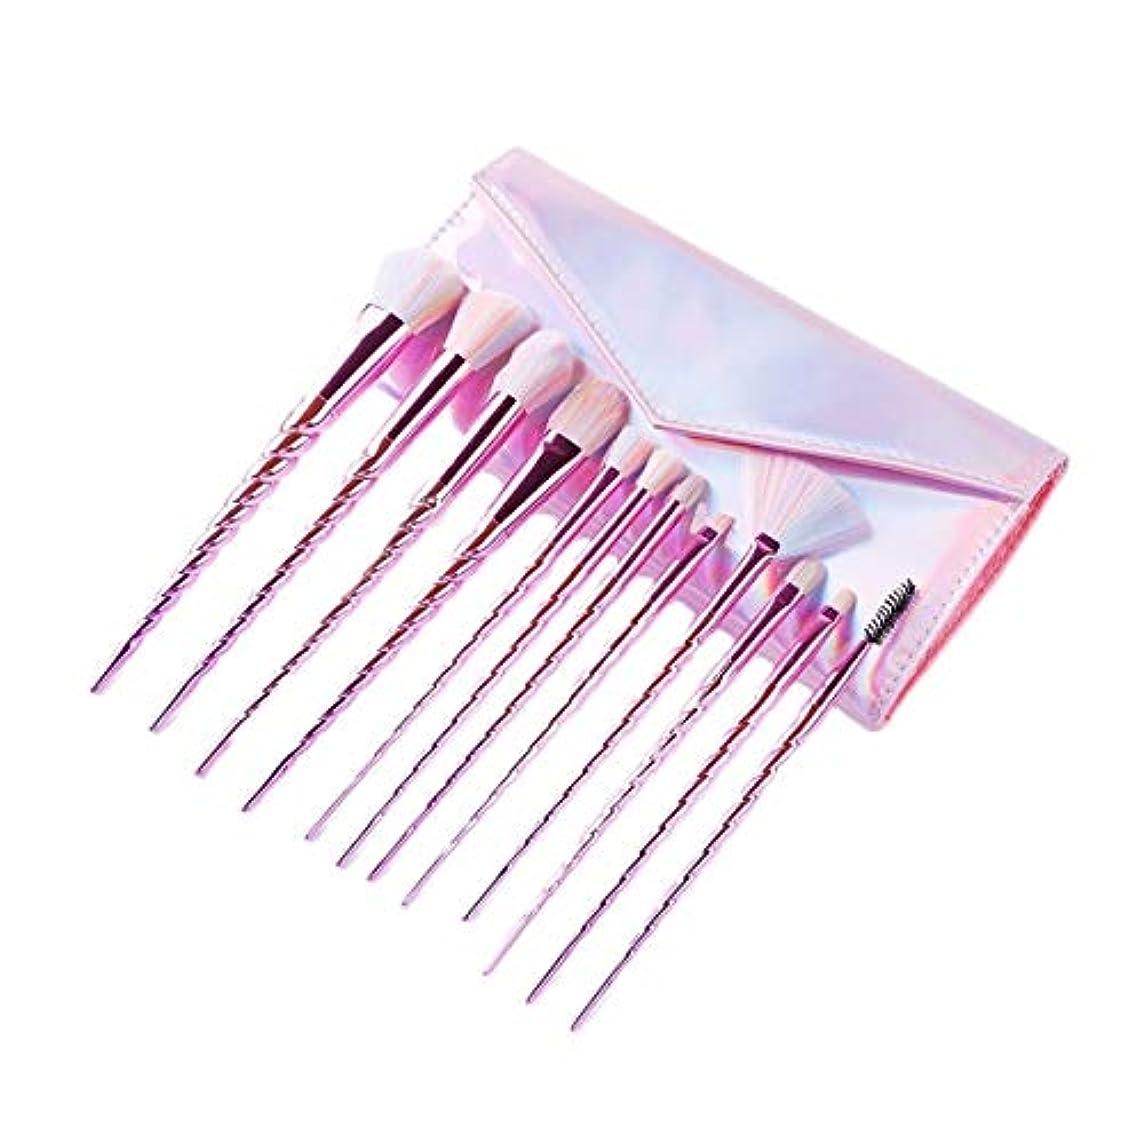 ページ付与フリッパーTUOFL メイクブラシセット初心者のアイシャドウブラシ美容ブラシツール女性、持ち運びのメイクブラシフルセット (Color : Pink)